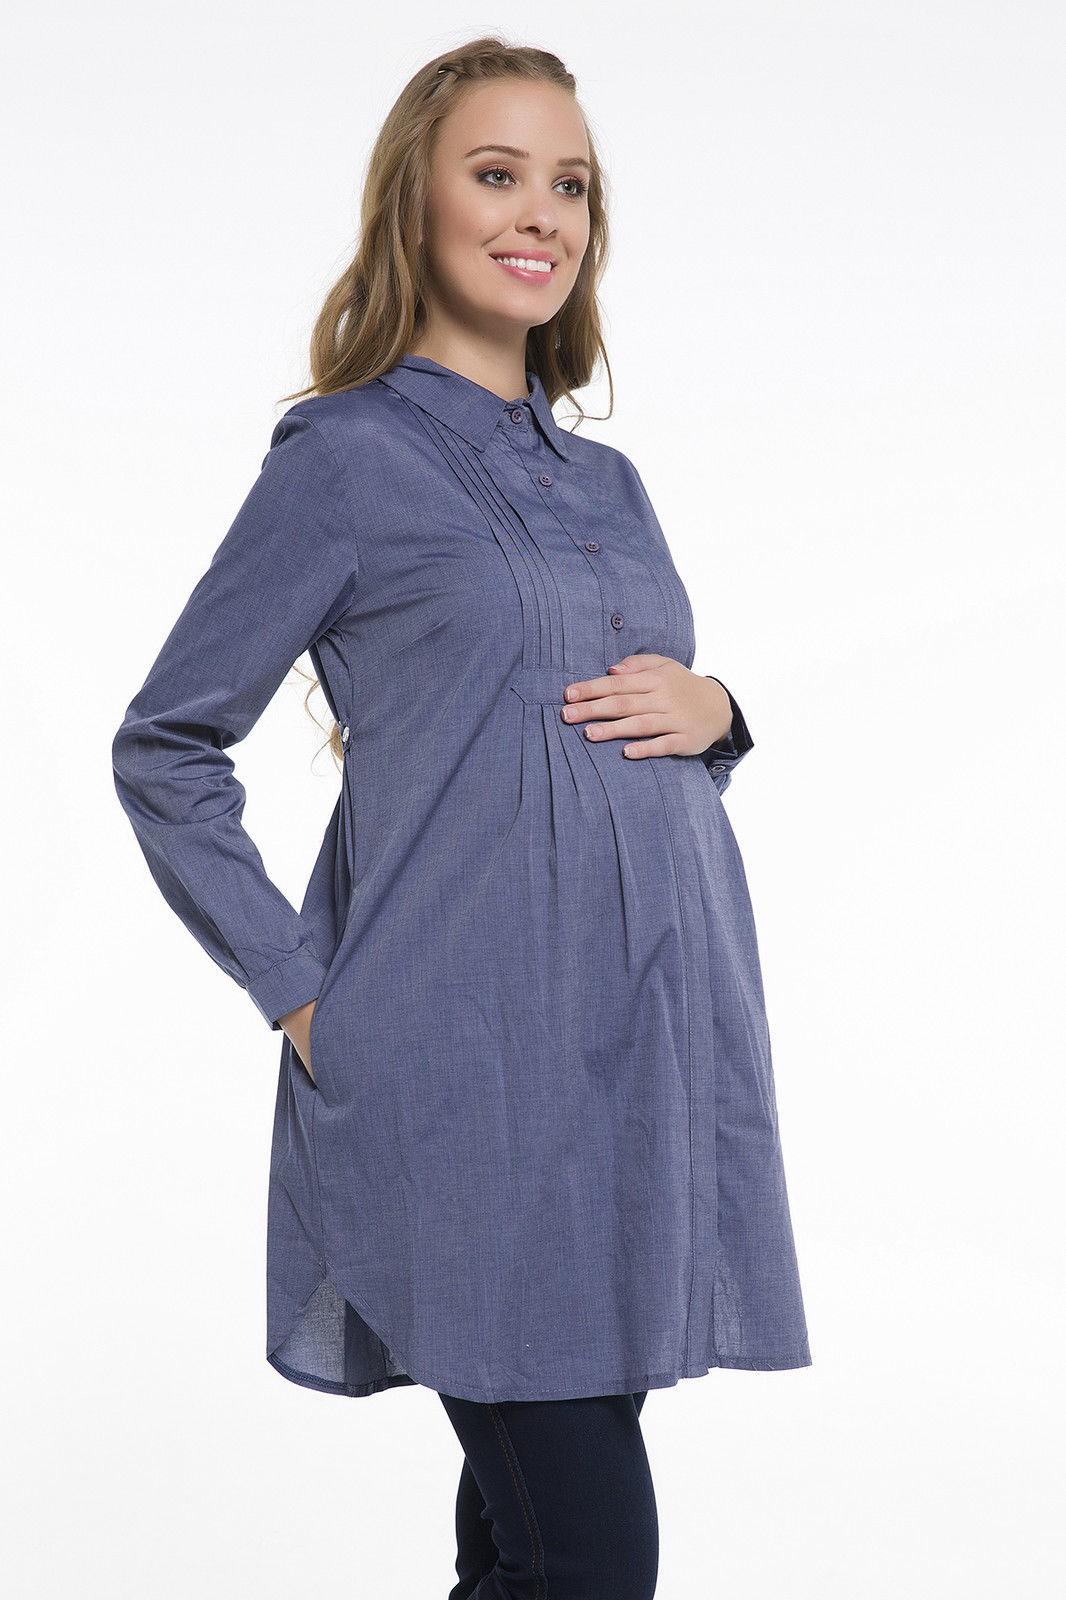 groß auswahl 50% Preis hochwertiges Design Umstandsbluse Tunika Blau